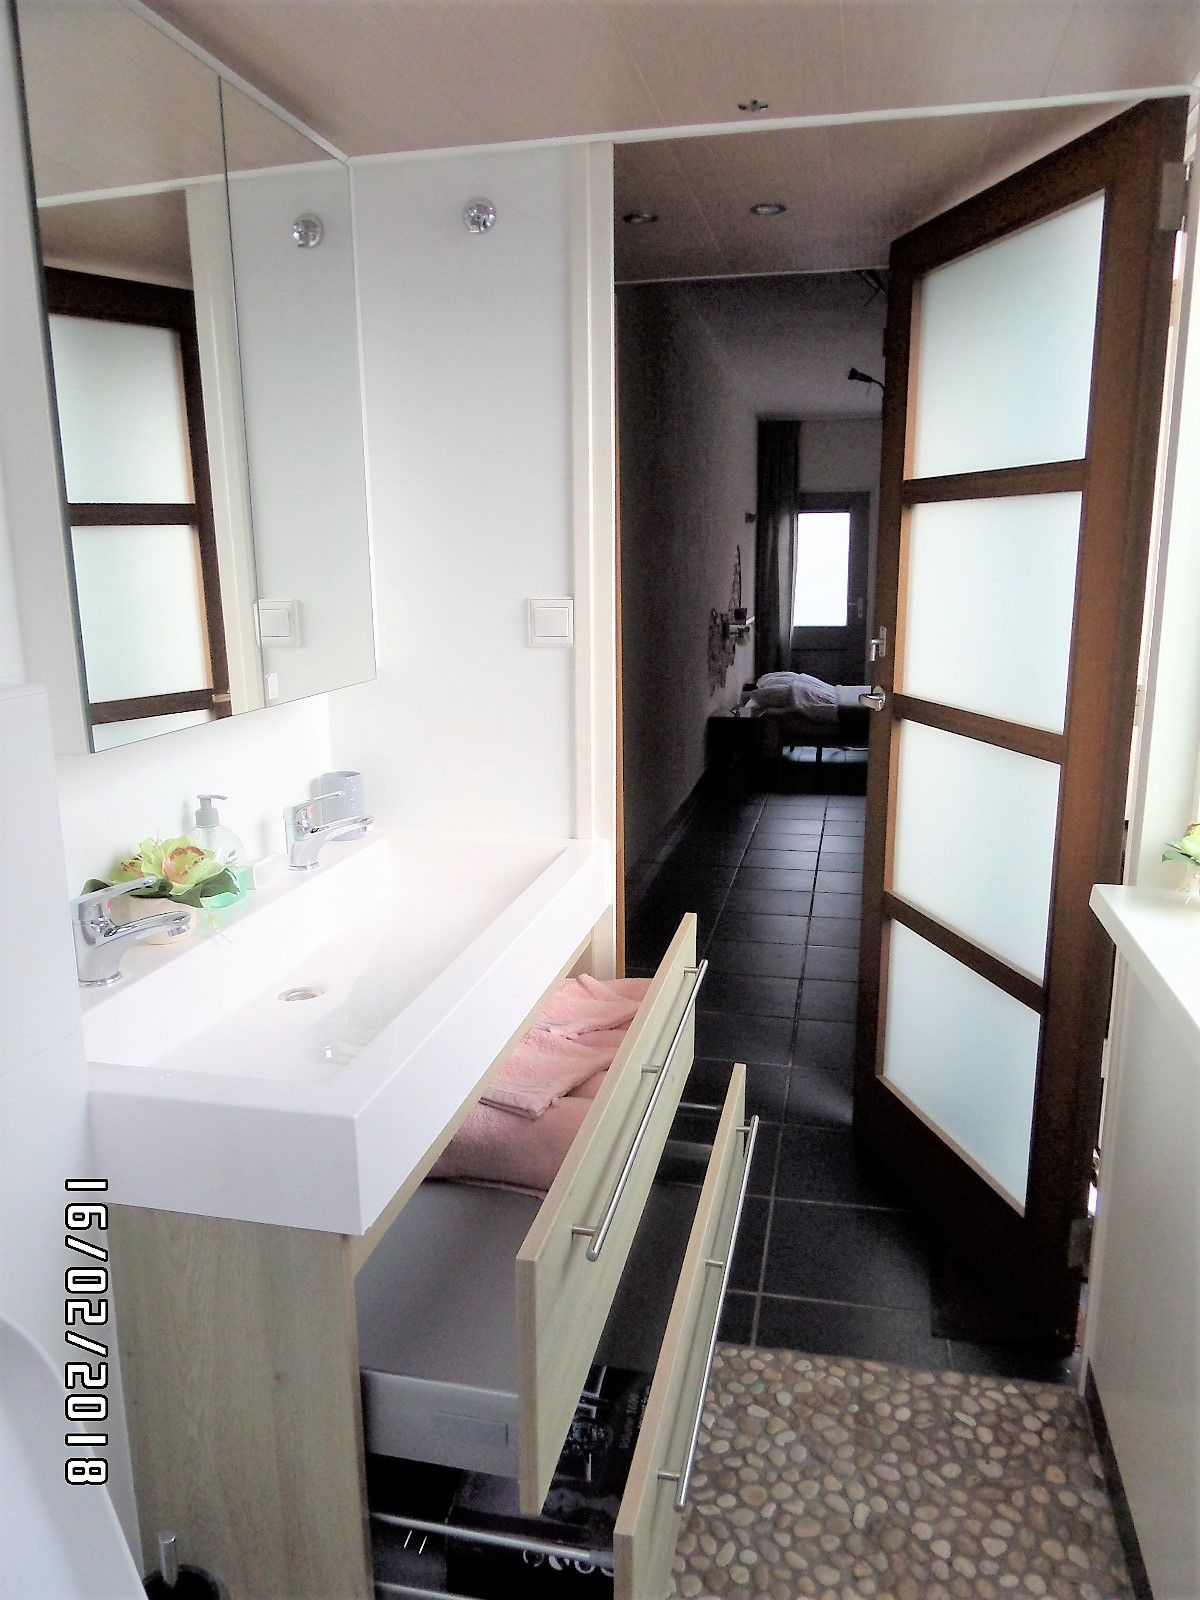 Badezimmer-Möbel 2 geräumige Schubladen